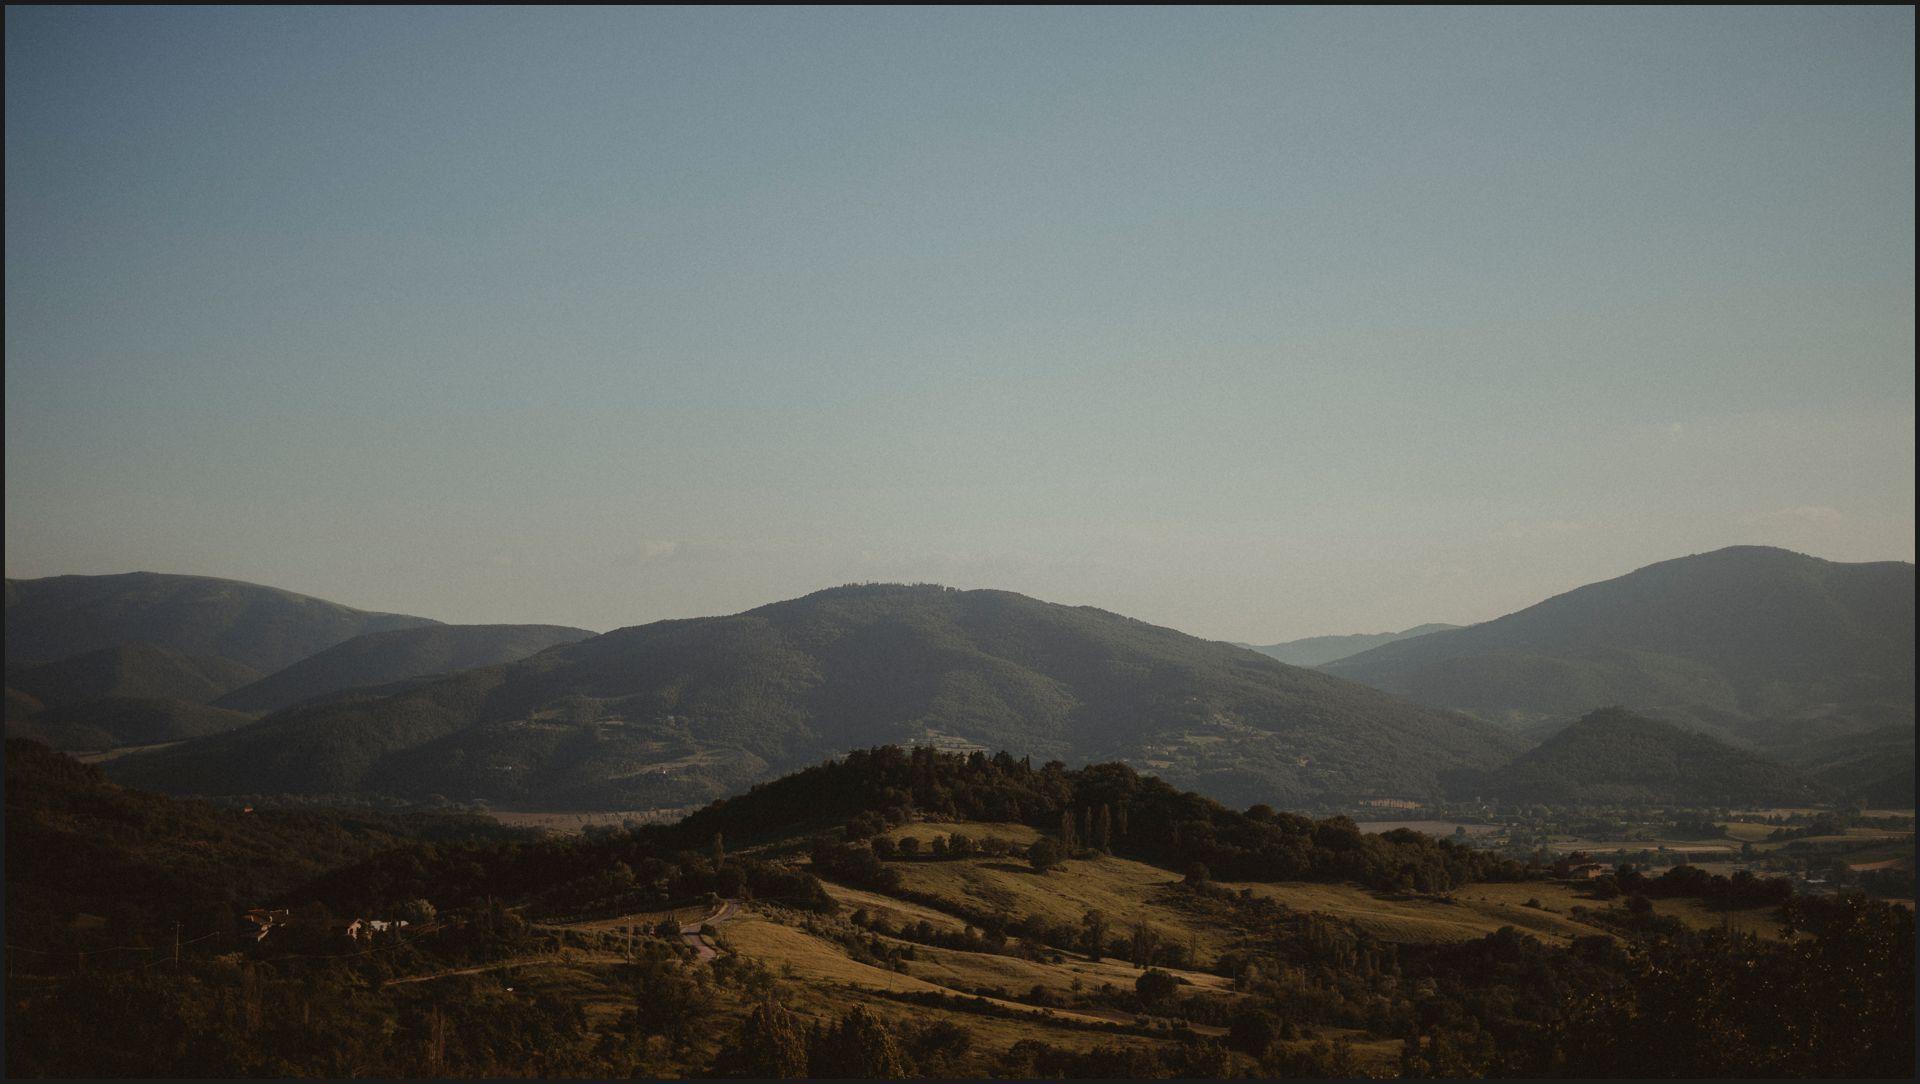 umbria, wedding, nikis resort, landsacpe, panorama